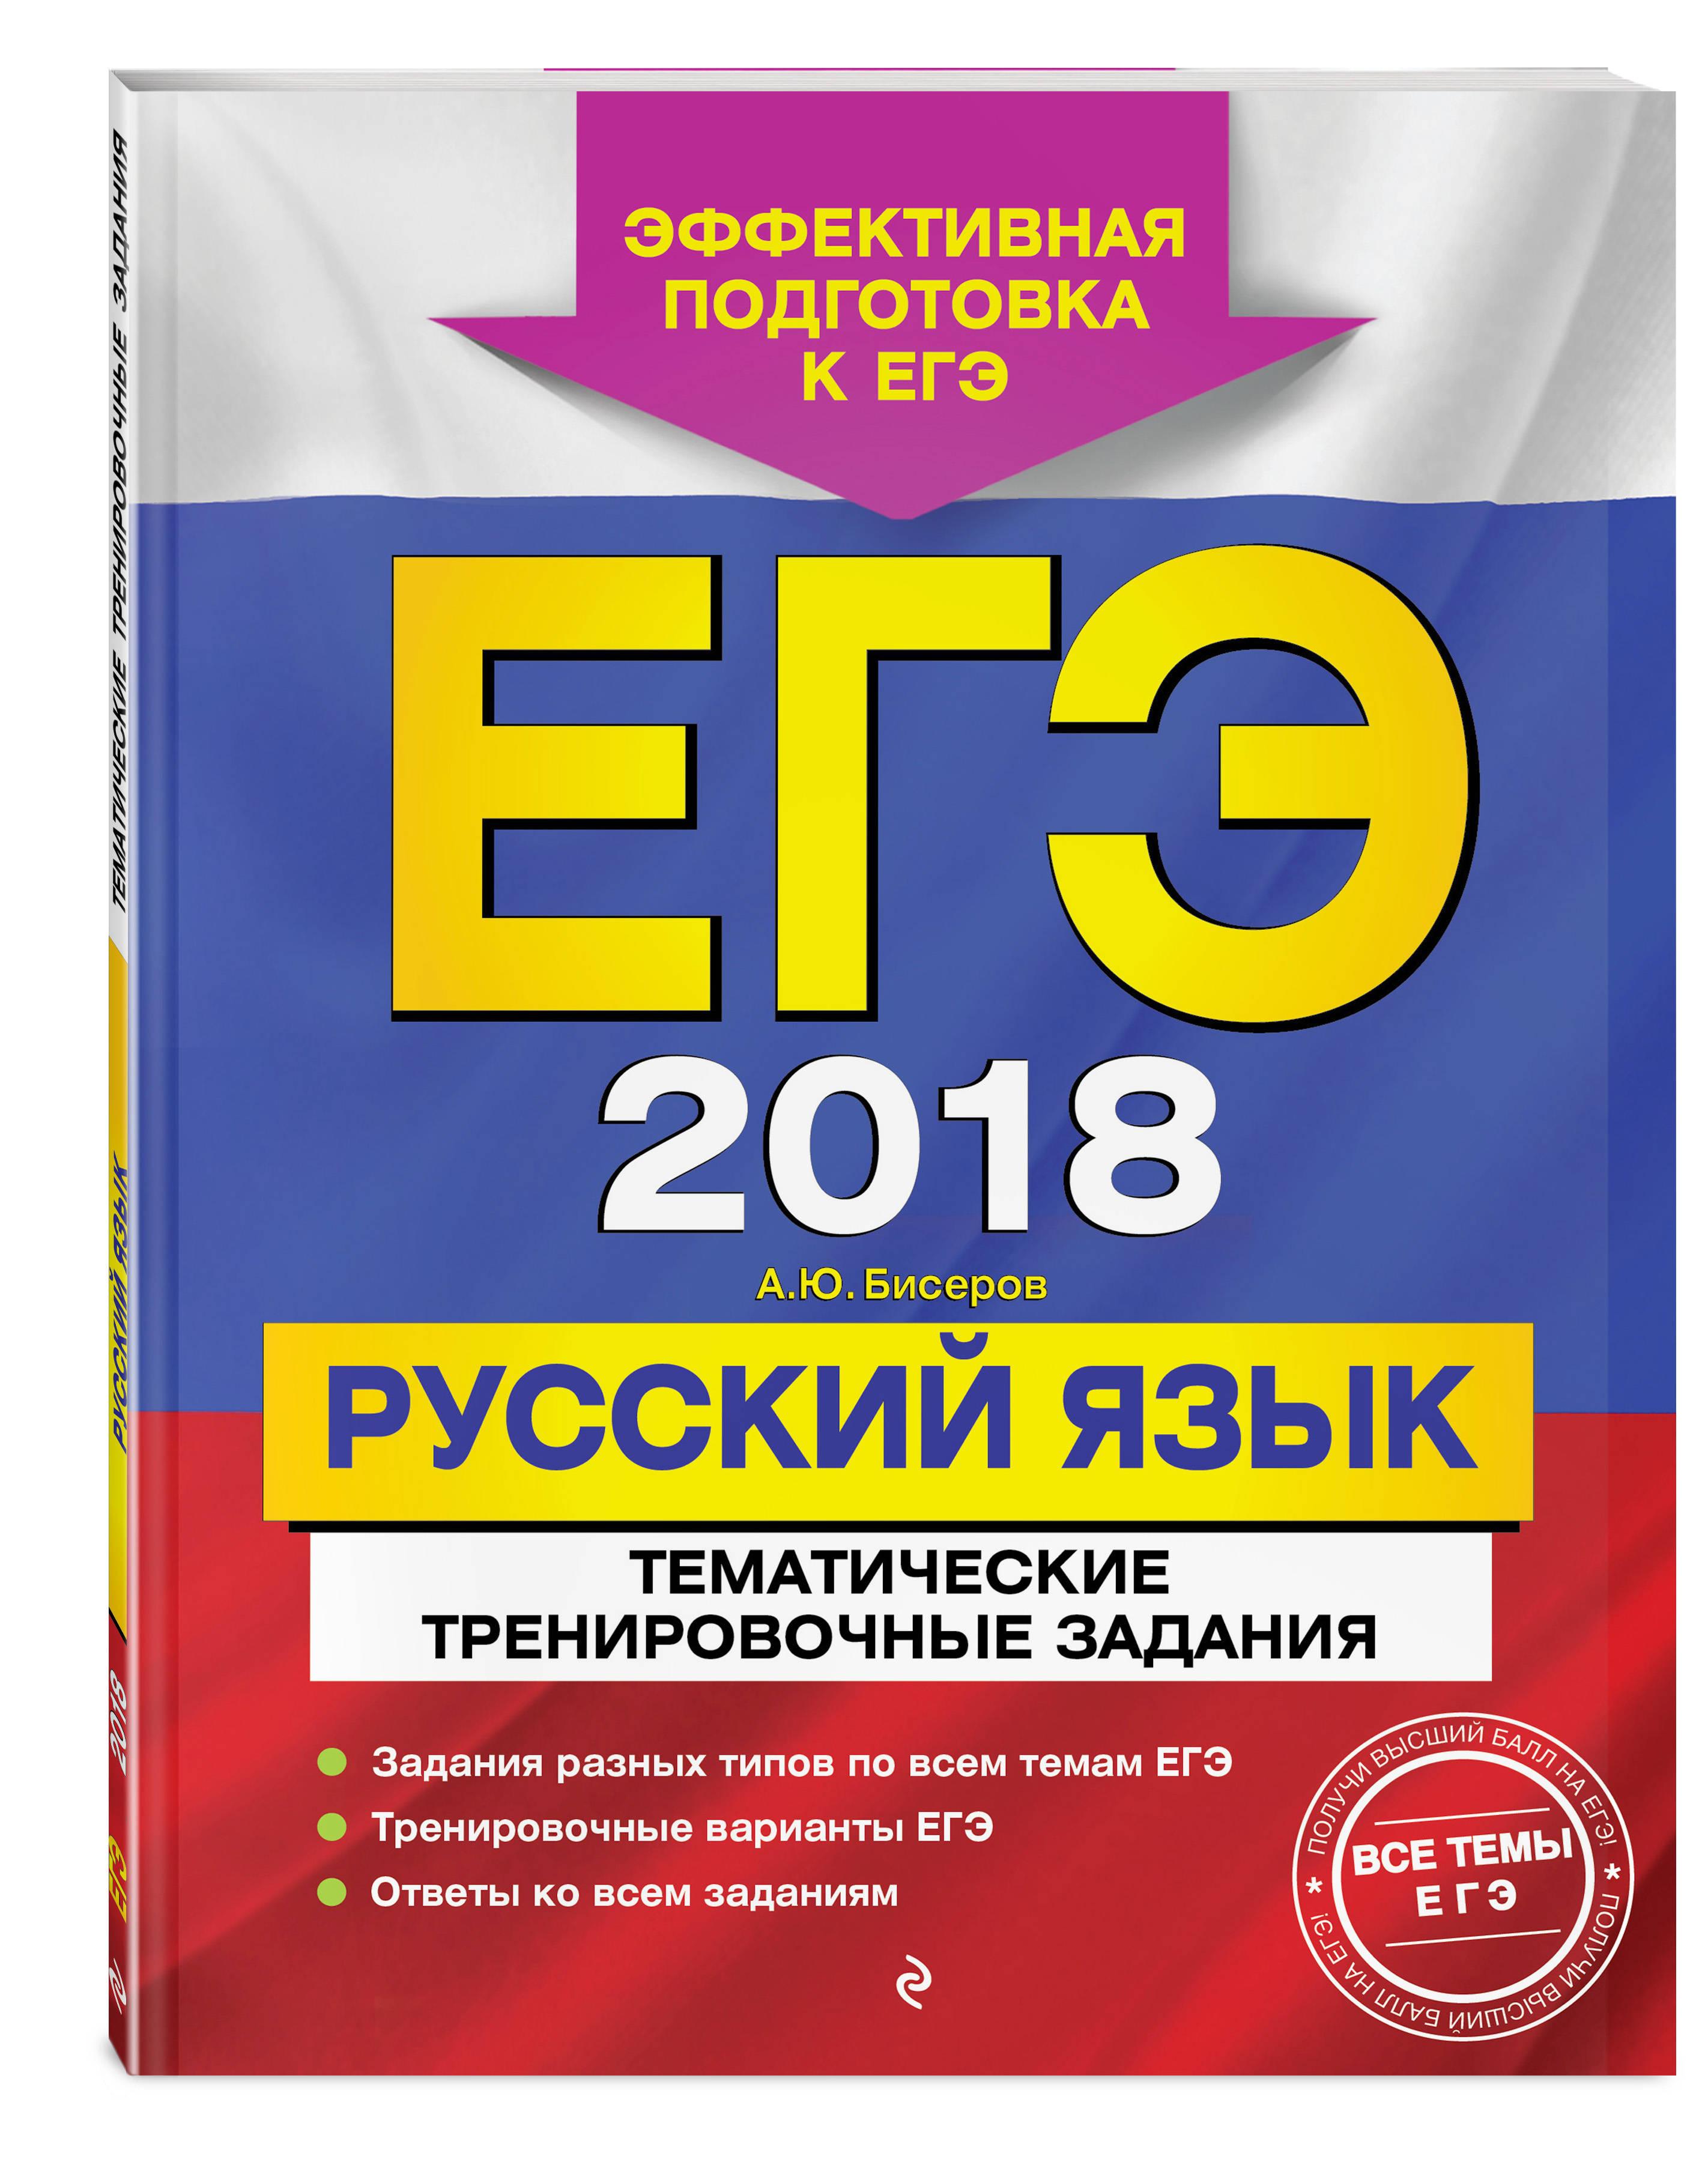 ЕГЭ-2018. Русский язык. Тематические тренировочные задания